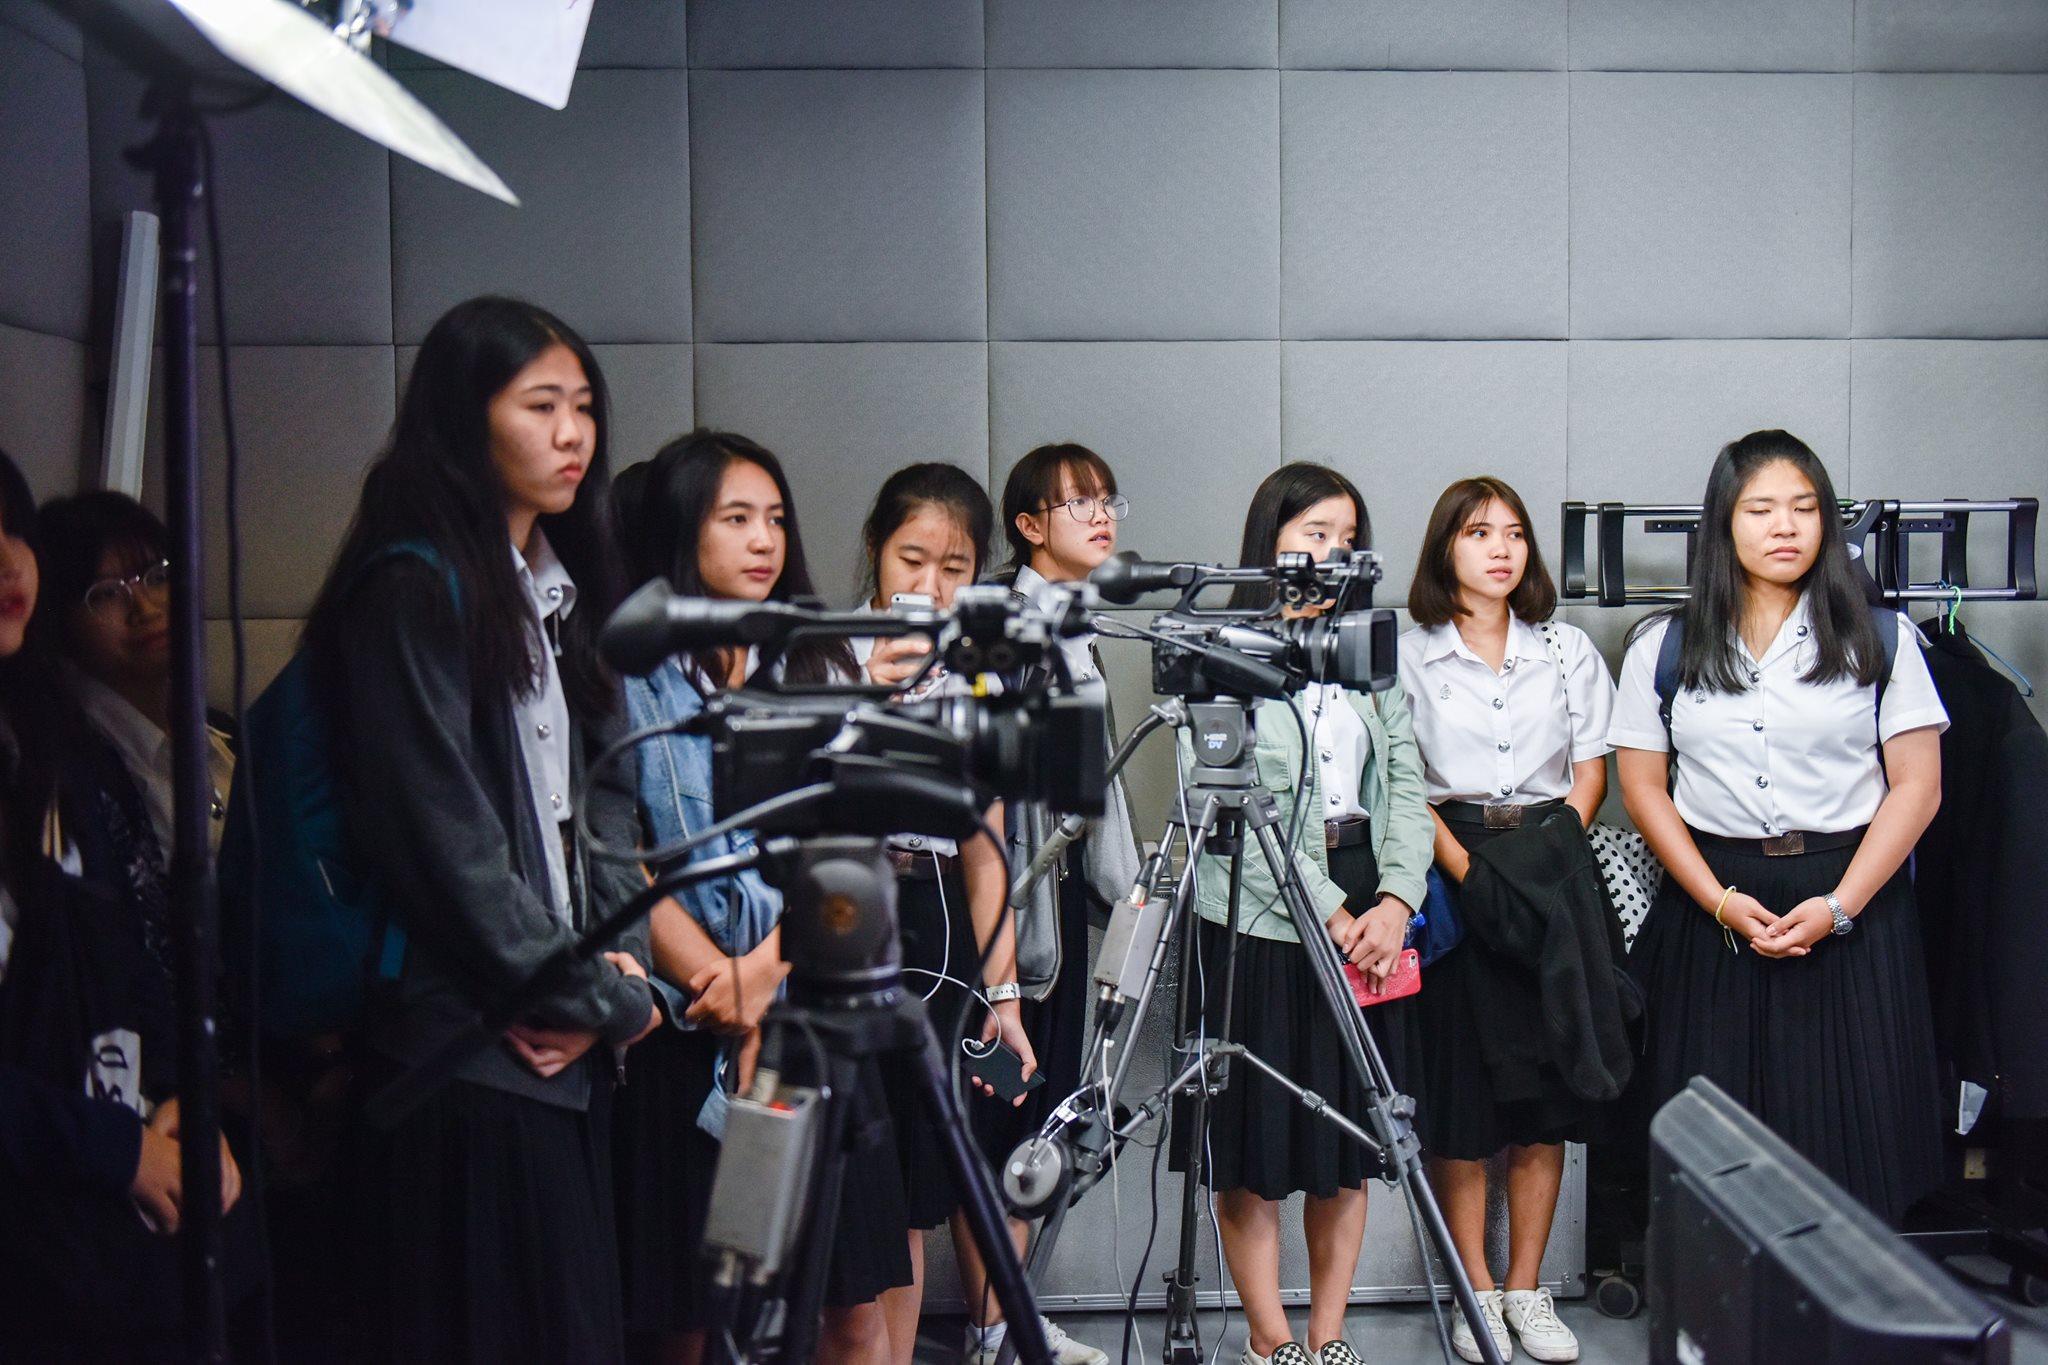 กองสื่อสารองค์กร ให้การต้อนรับ นศ.เวชนิทัศน์ ดูงานด้านการผลิตสื่อประชาสัมพันธ์